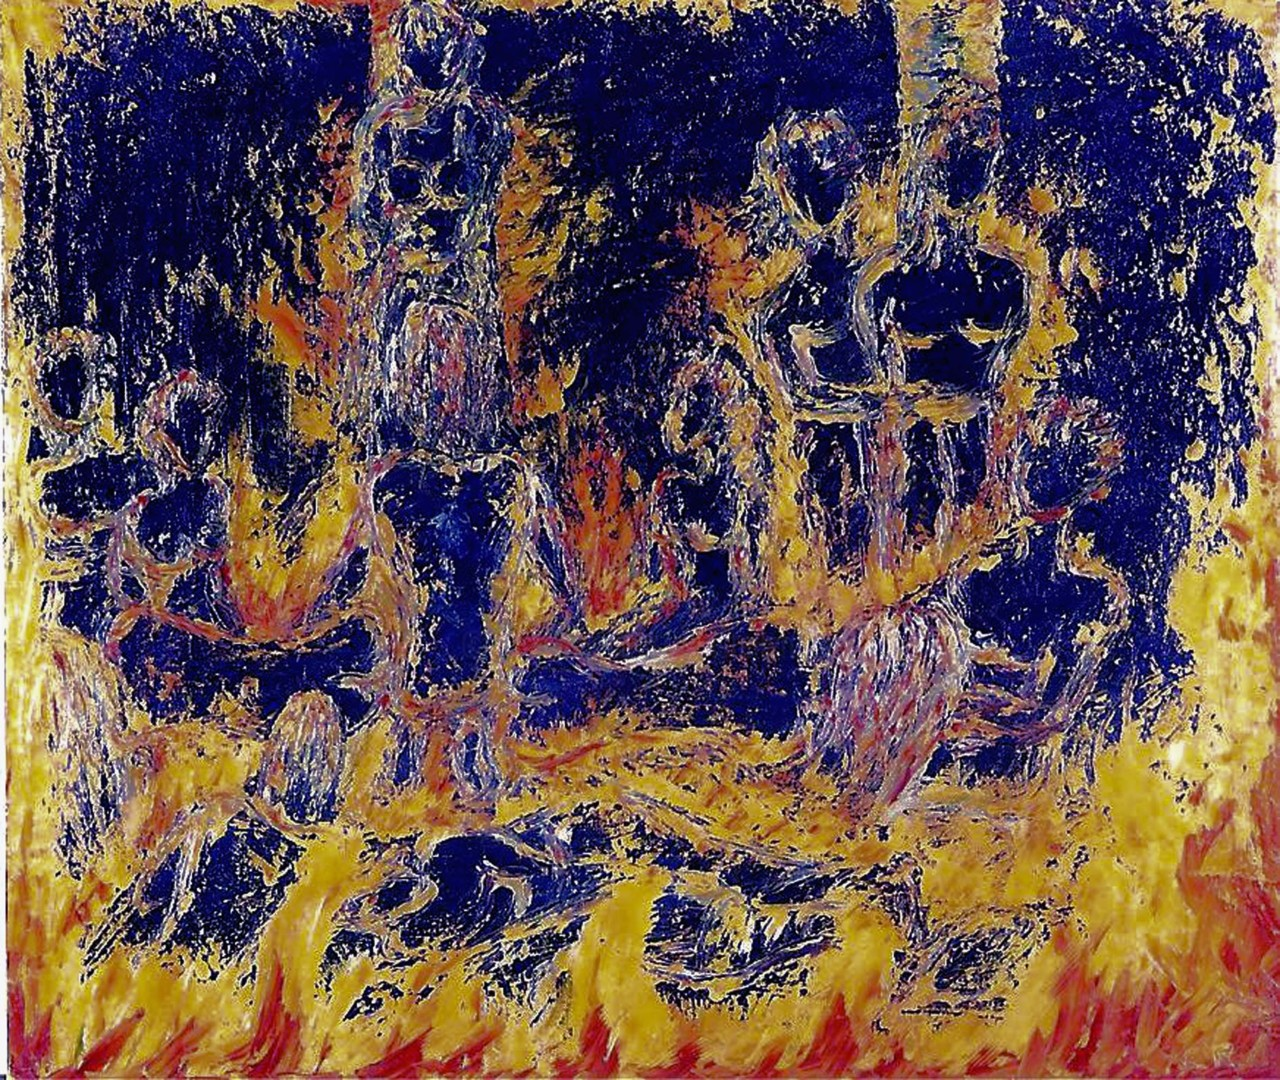 Christelle Robert - La secte immolée